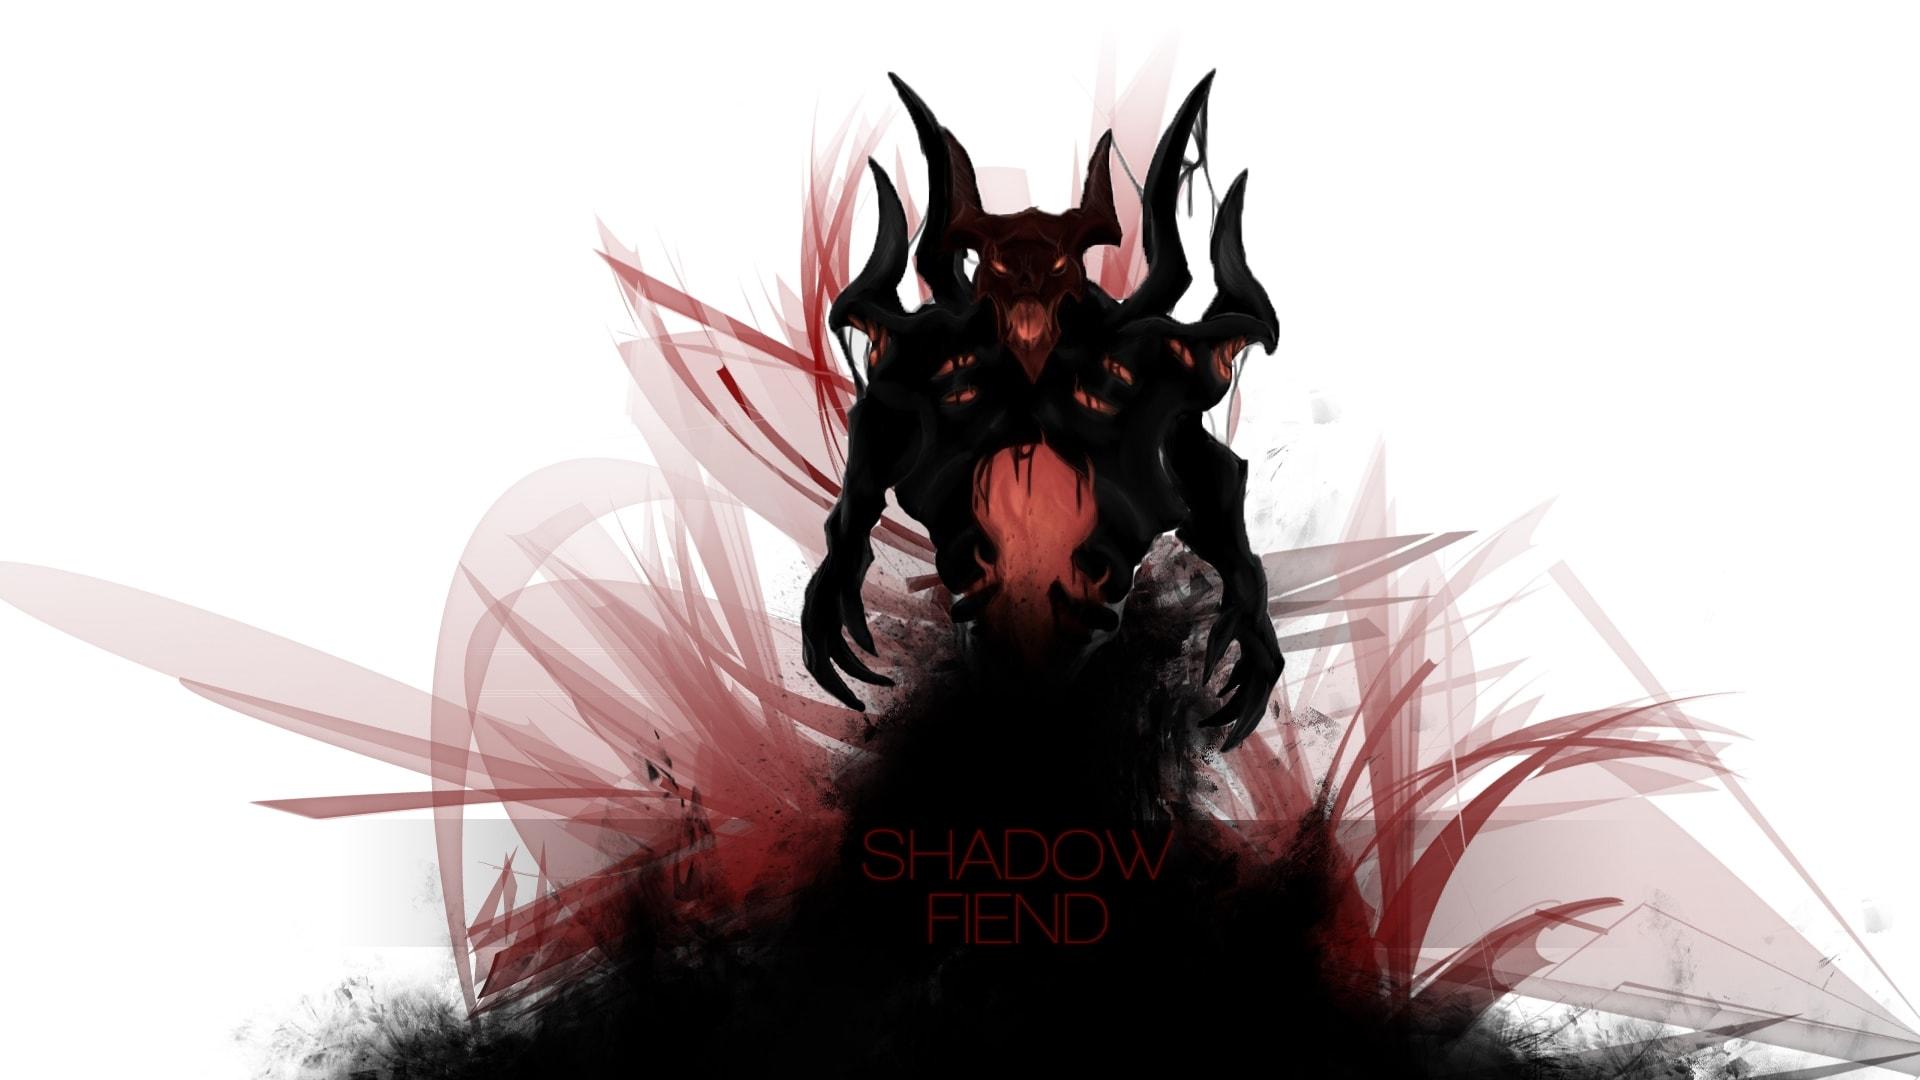 Dota2 : Shadow Fiend HD pics